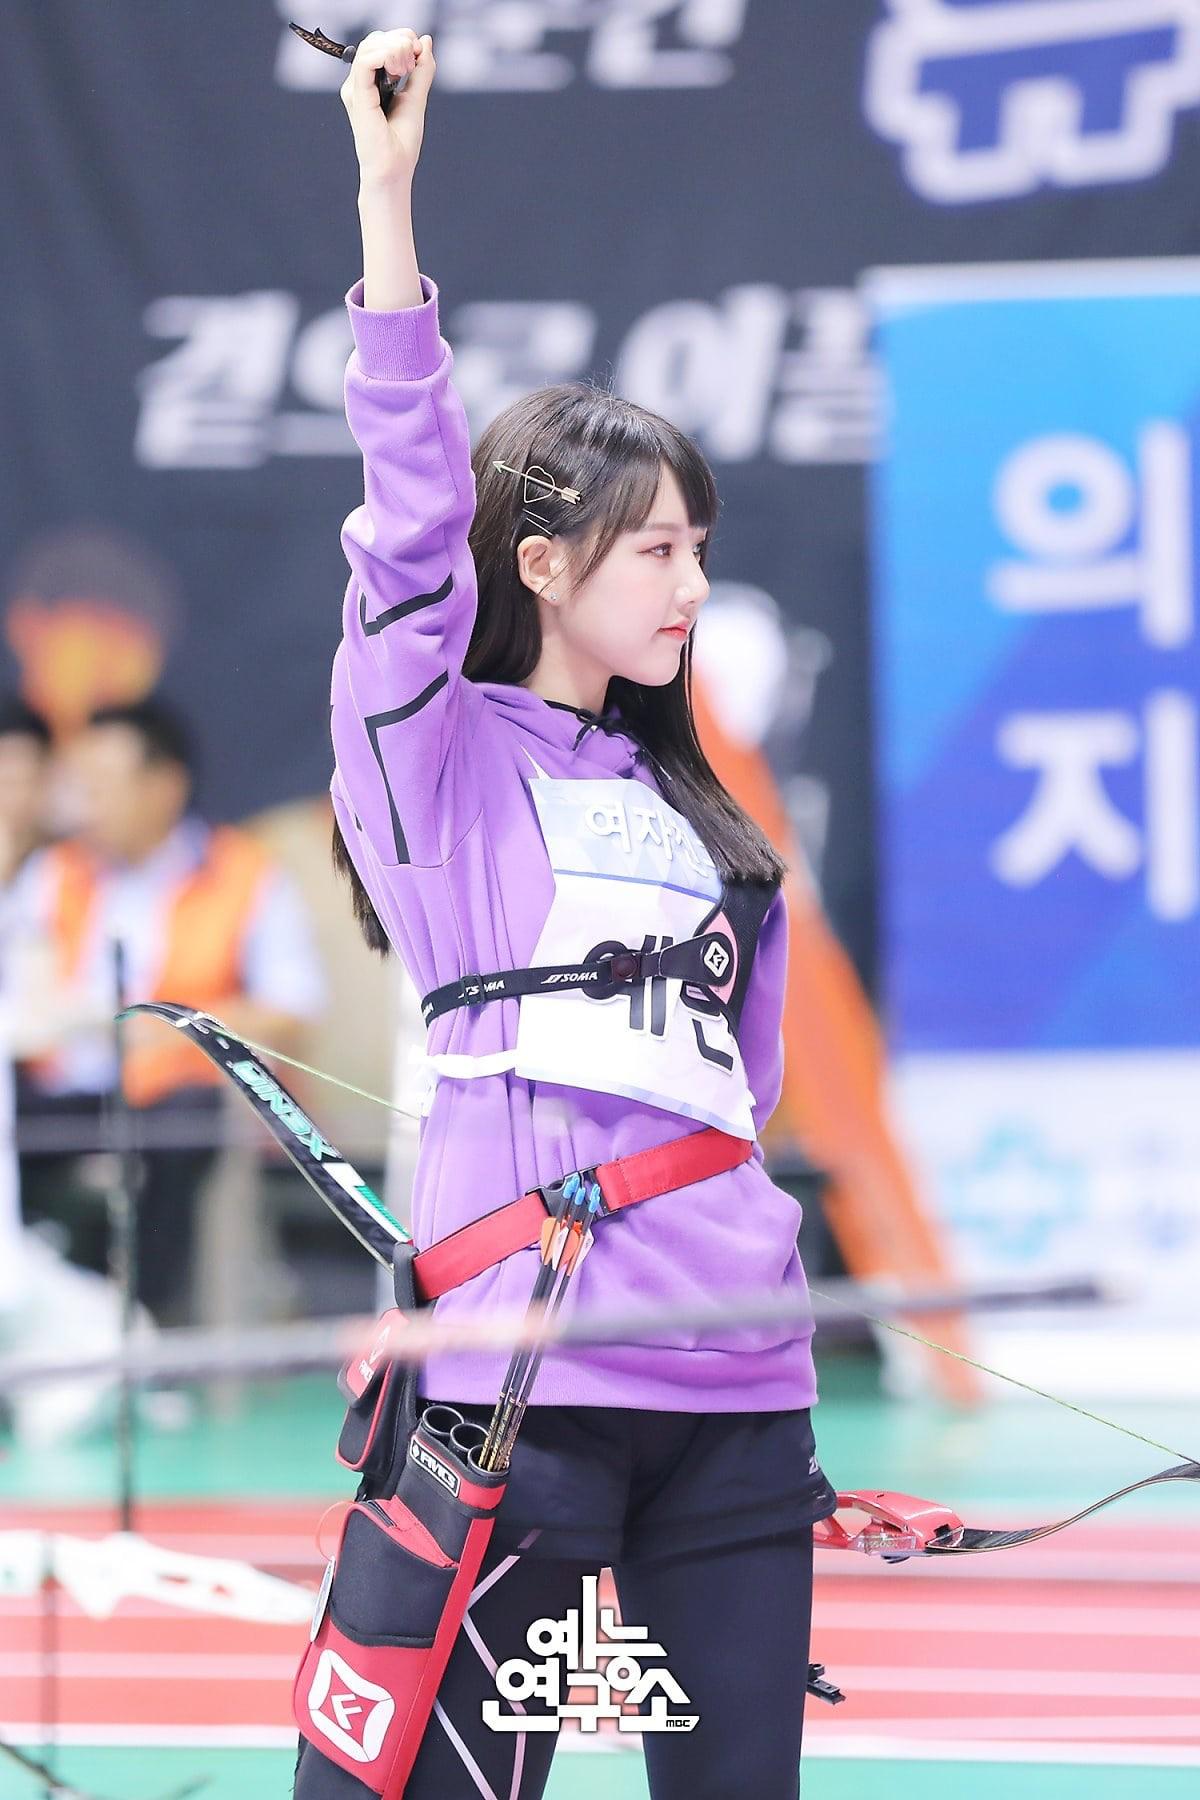 Dàn Idol đình đám Kpop đẹp khó cưỡng tại đại hội thể thao tết Trung thu - Ảnh 7.